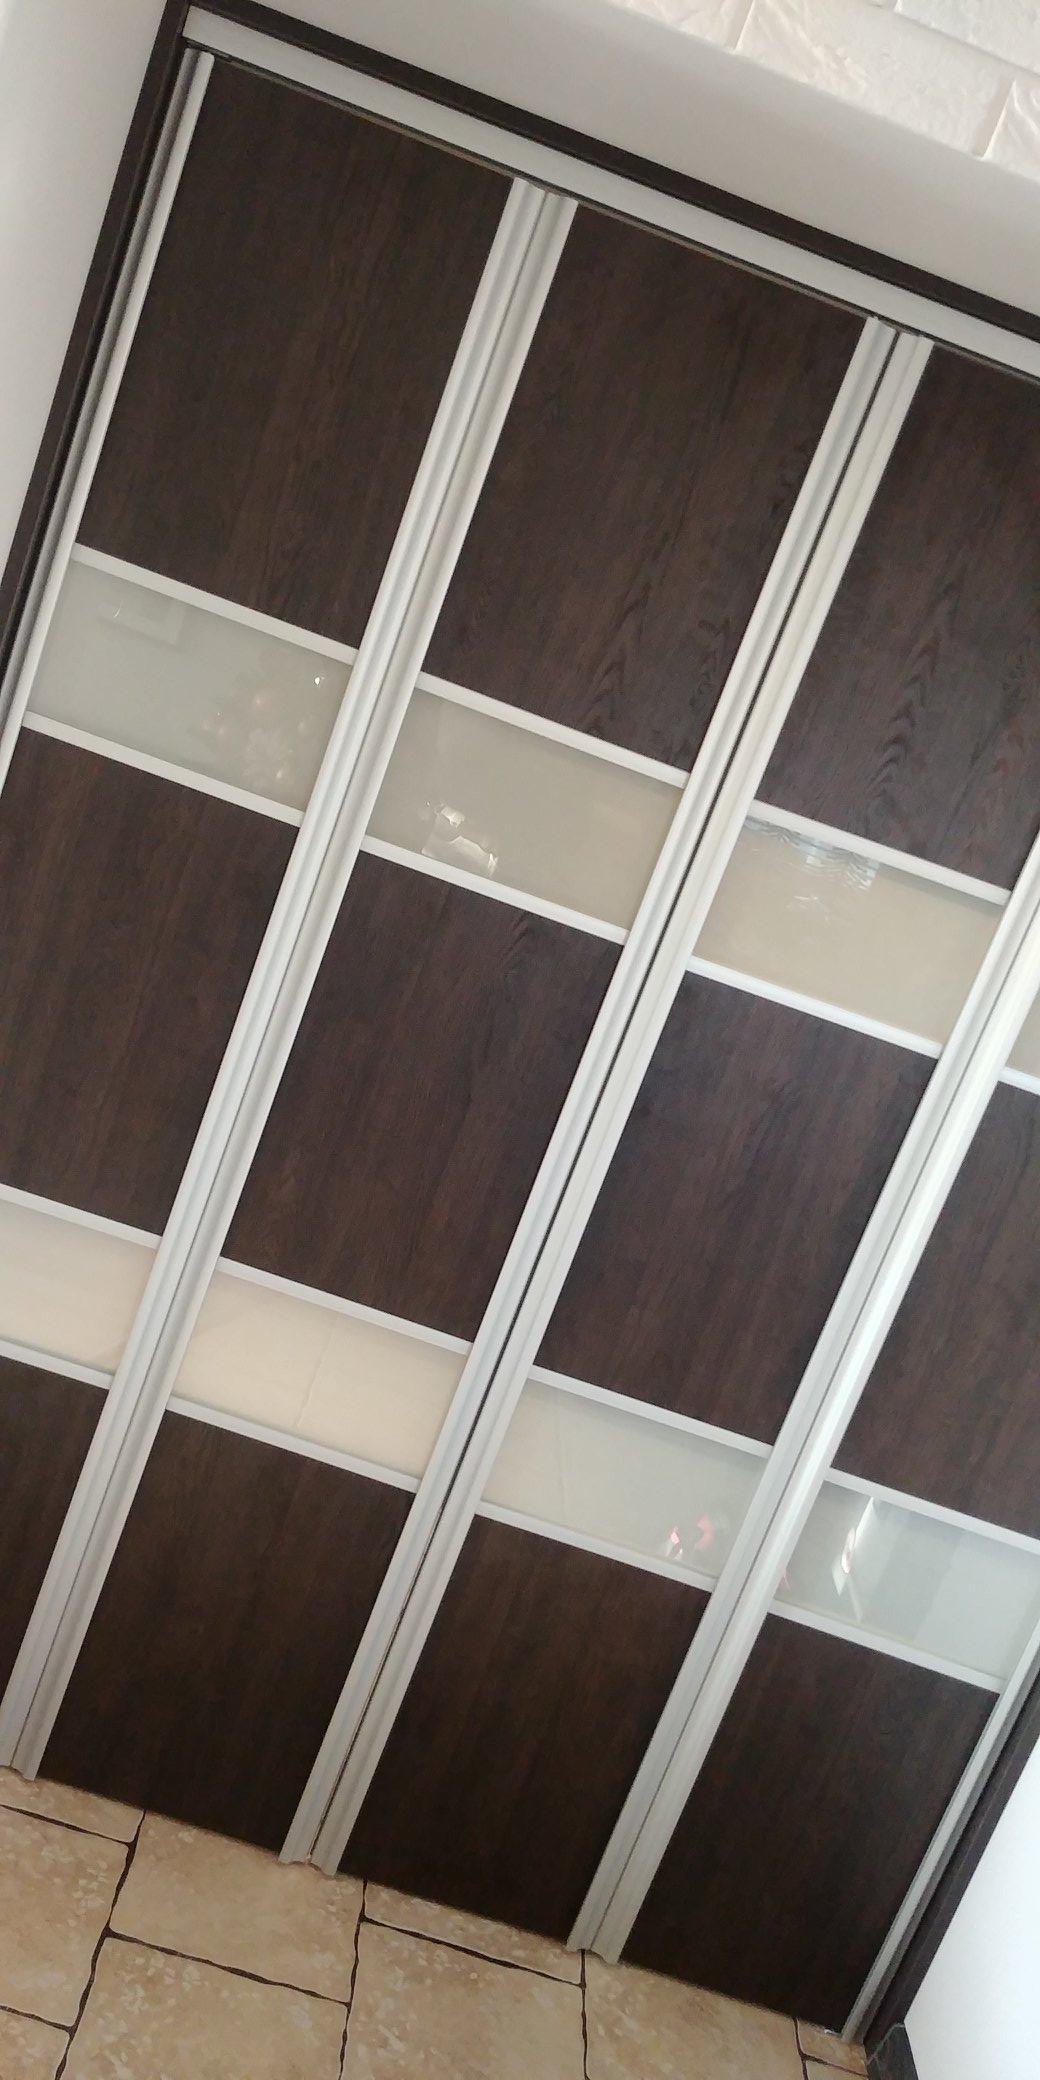 Podwieszane drzwi składane